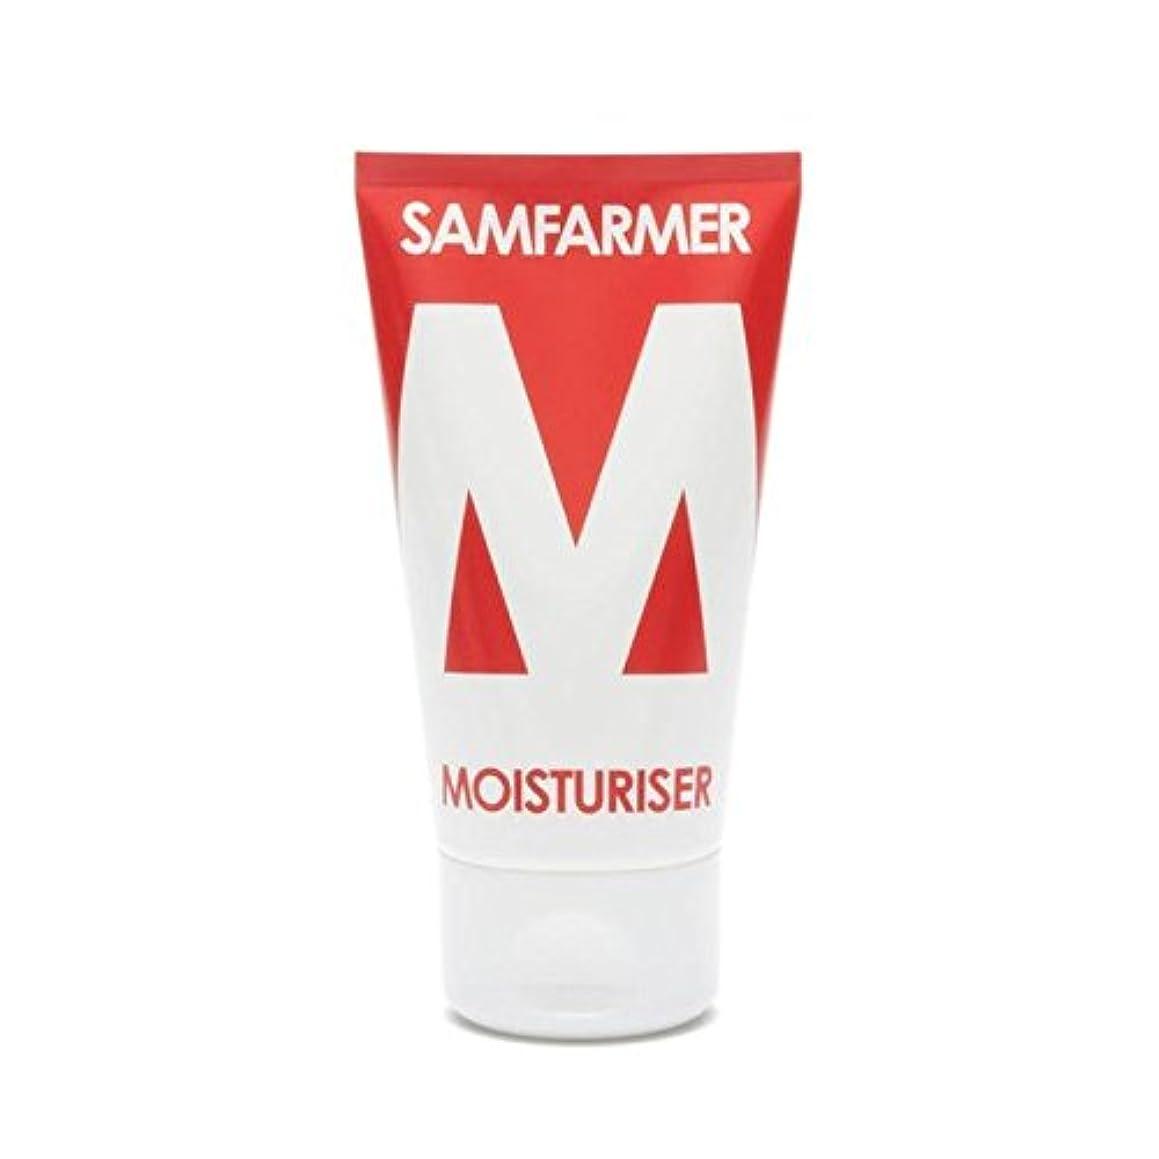 影響力のあるチャペル起きるユニセックス保湿50ミリリットル x4 - SAMFARMER Unisex Moisturiser 50ml (Pack of 4) [並行輸入品]